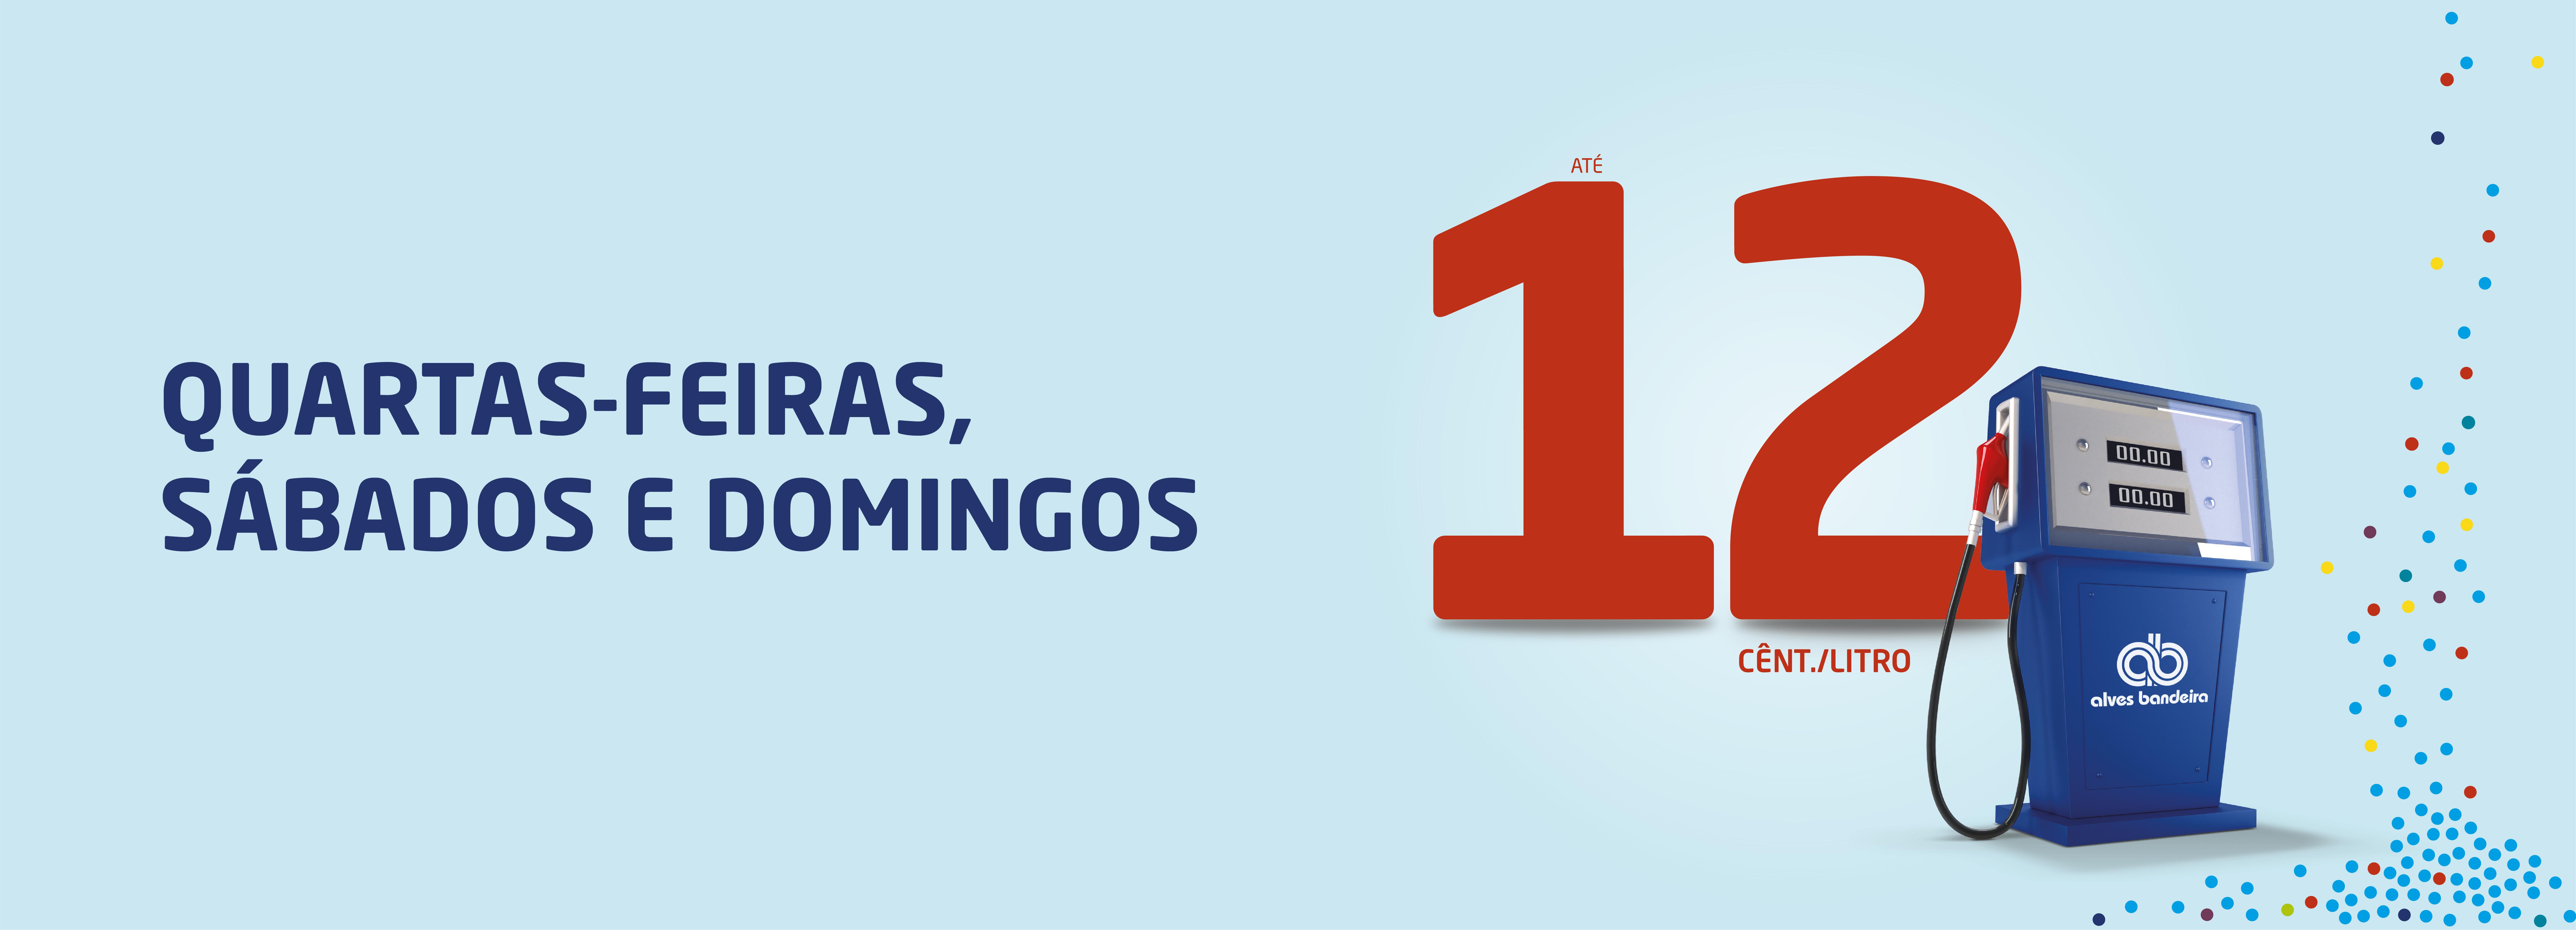 campanhas_2